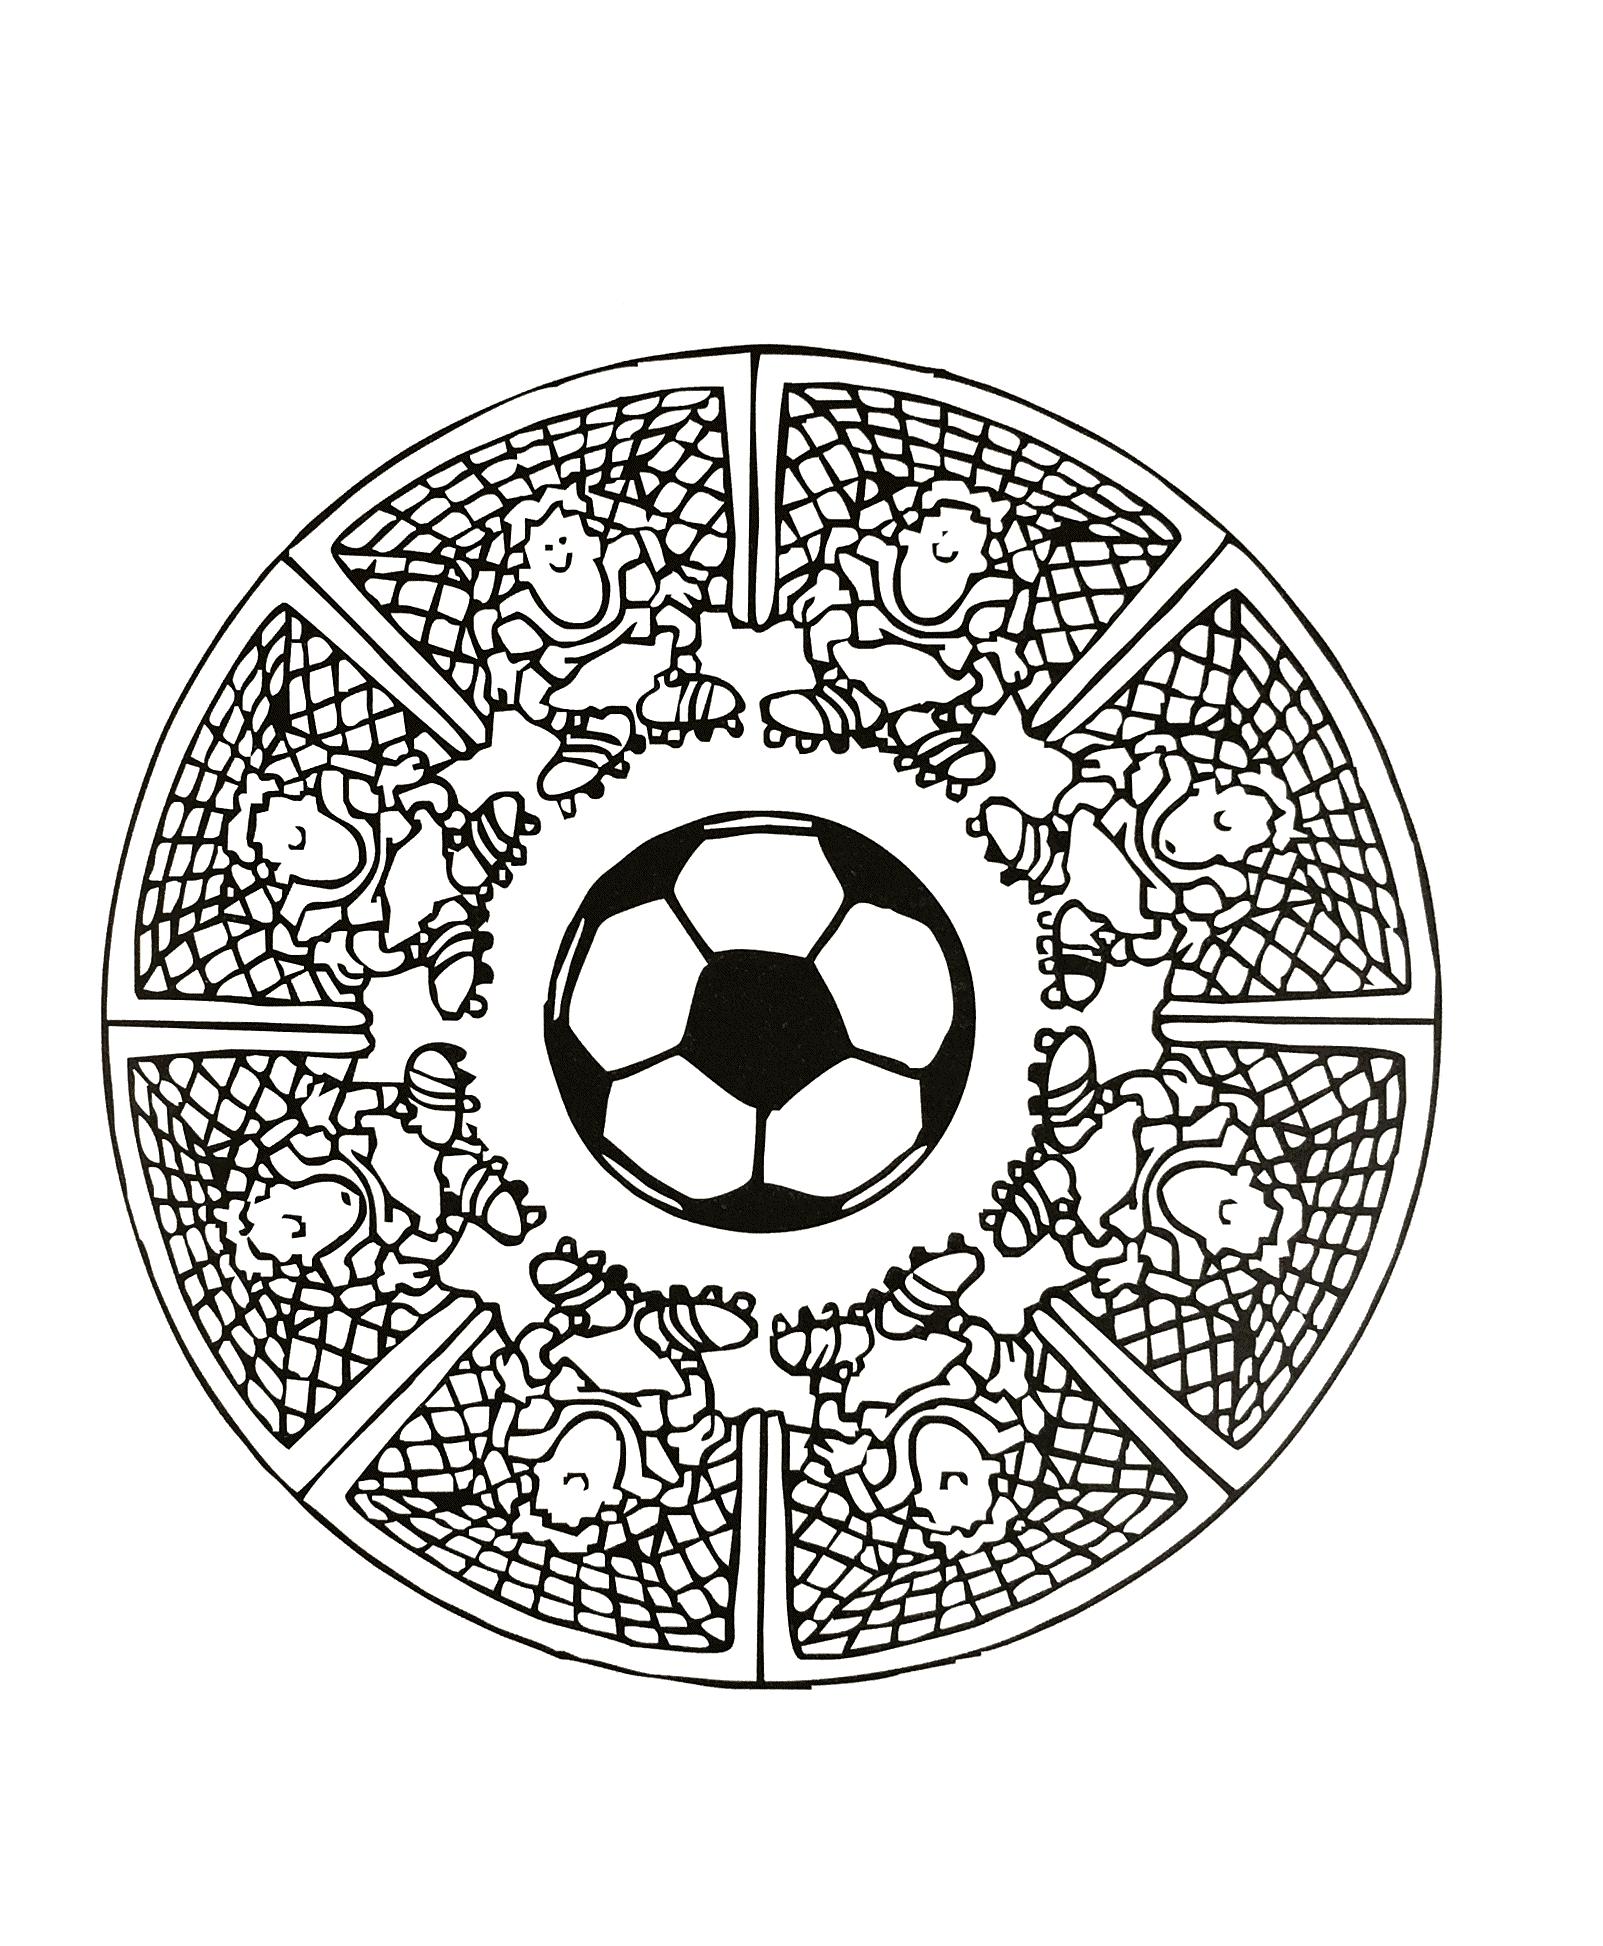 Mandala do futebol, ilustrando um gol, um homenzinho de chuteira e uma bola de futebol no centro.